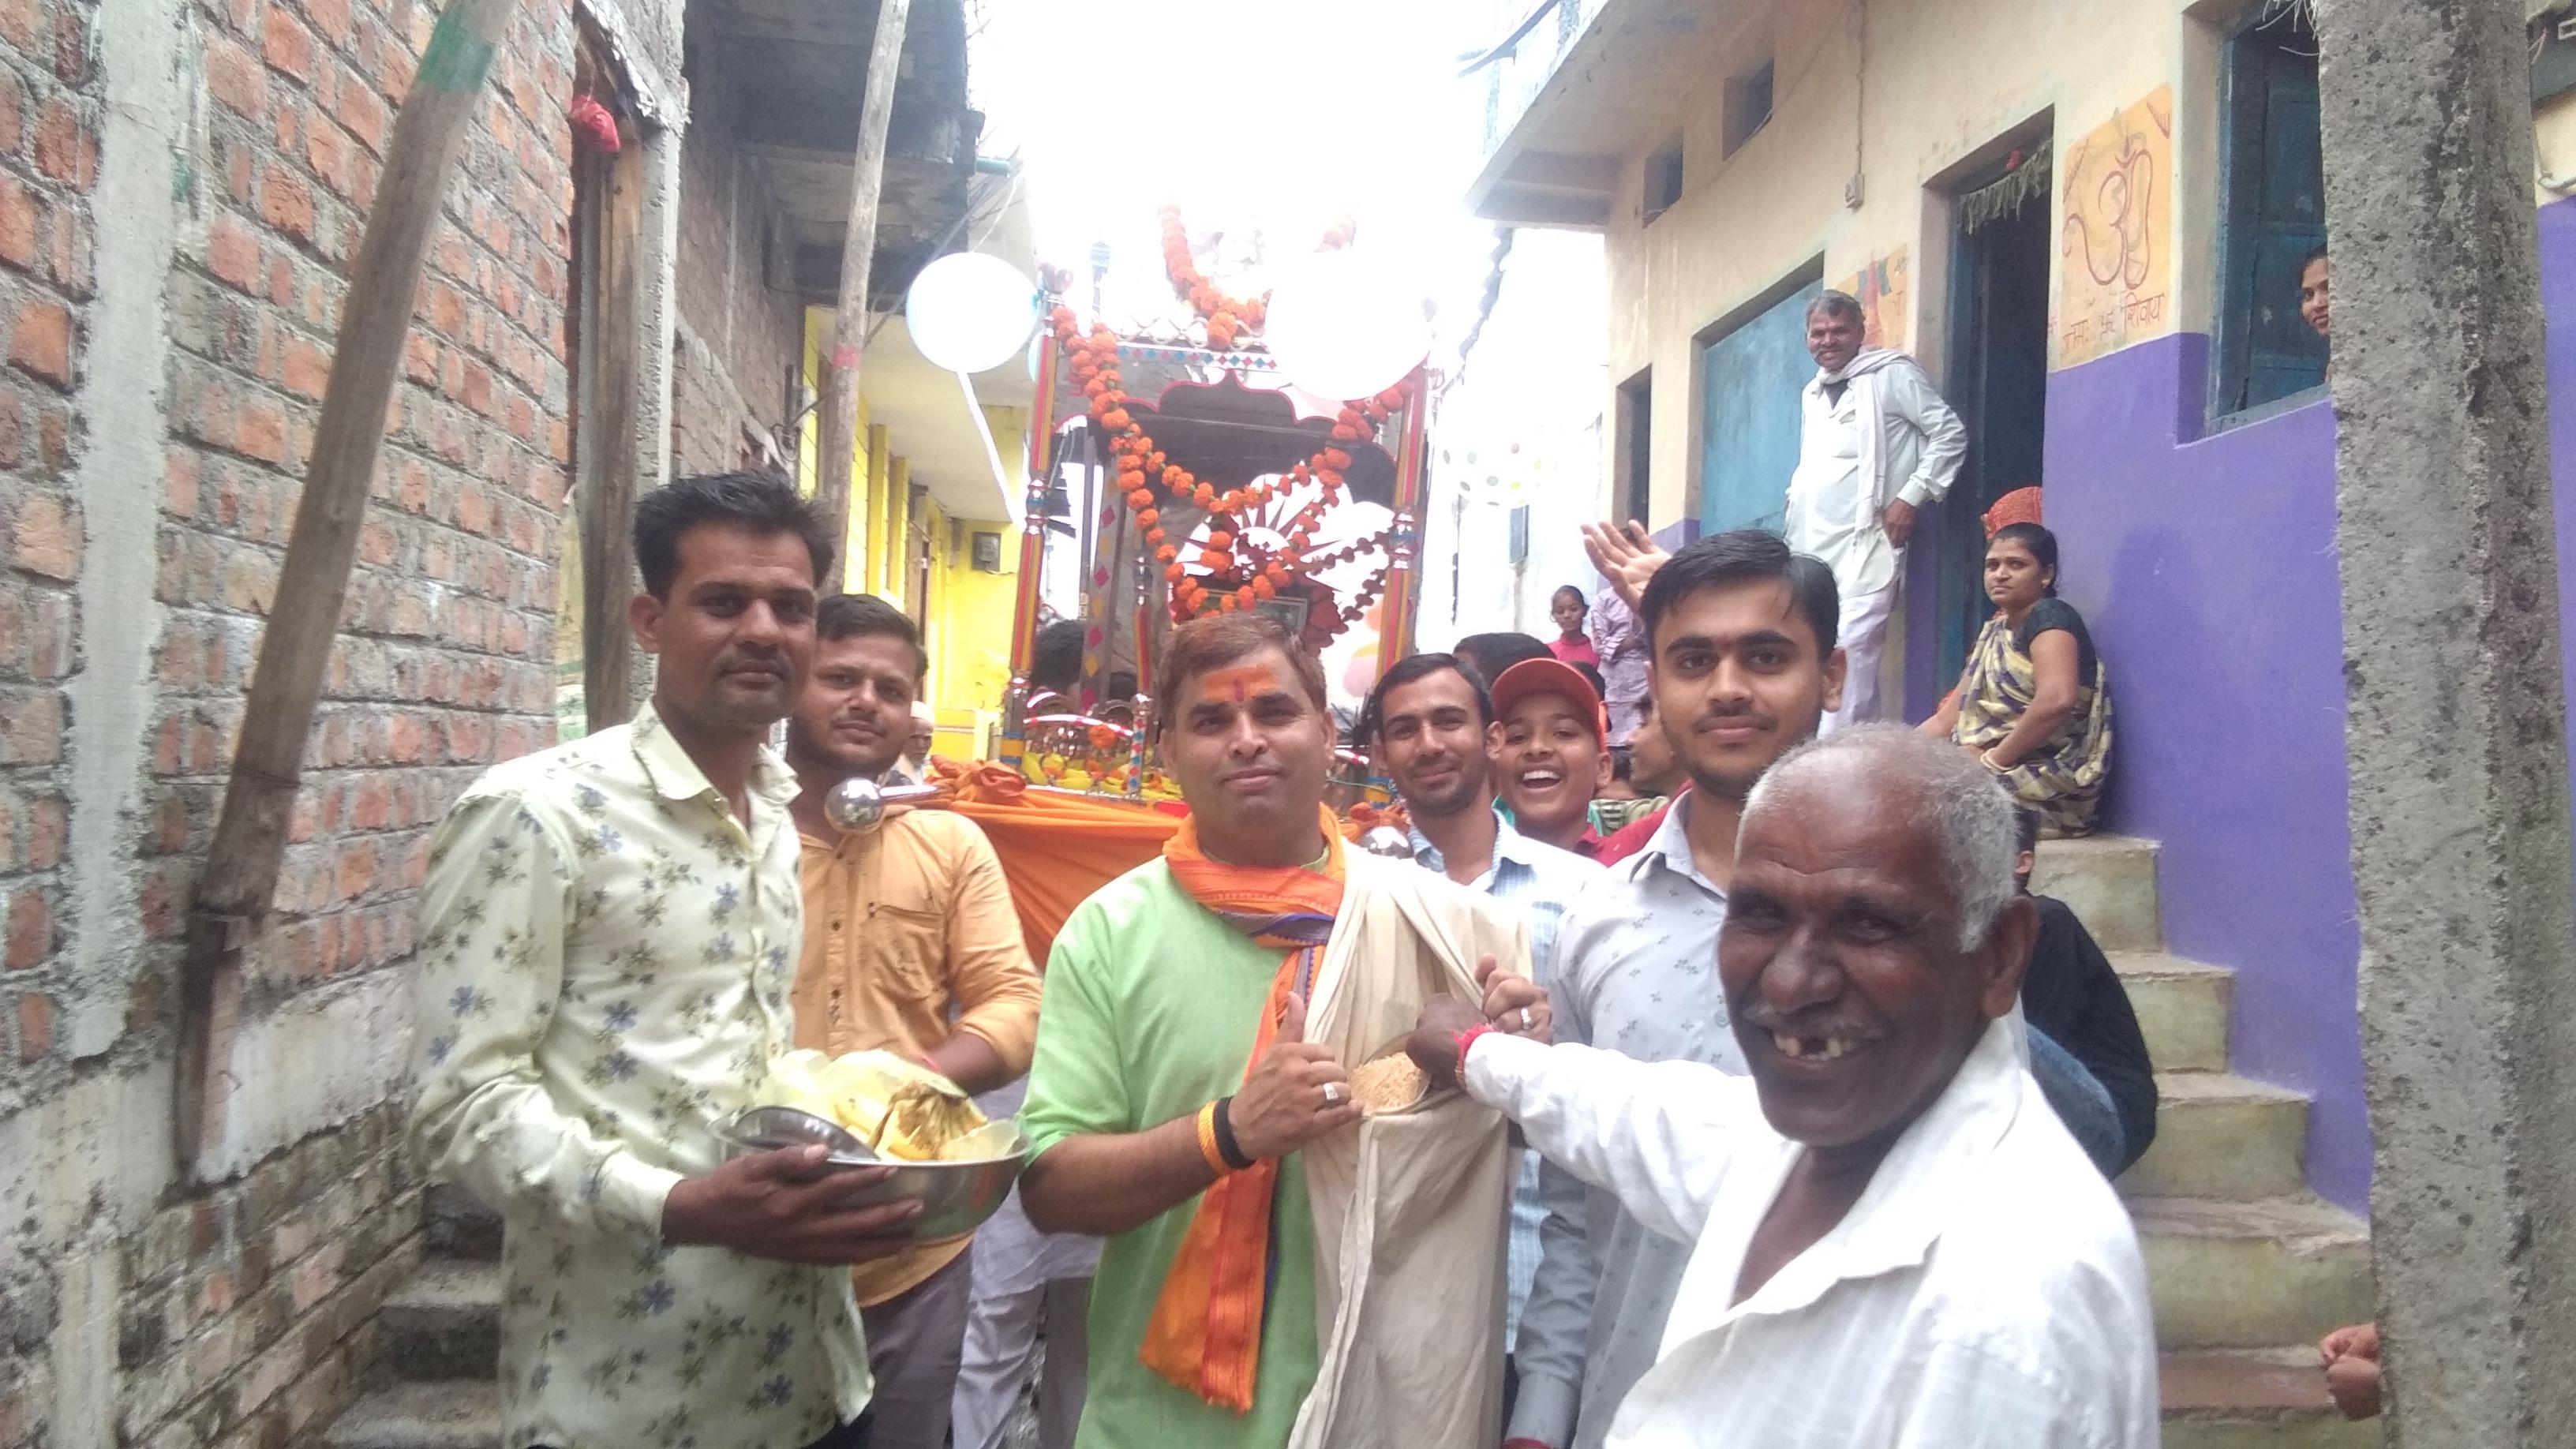 हिंदी समाचार |डोल ग्यारस पर रिमझिम बारिश के...